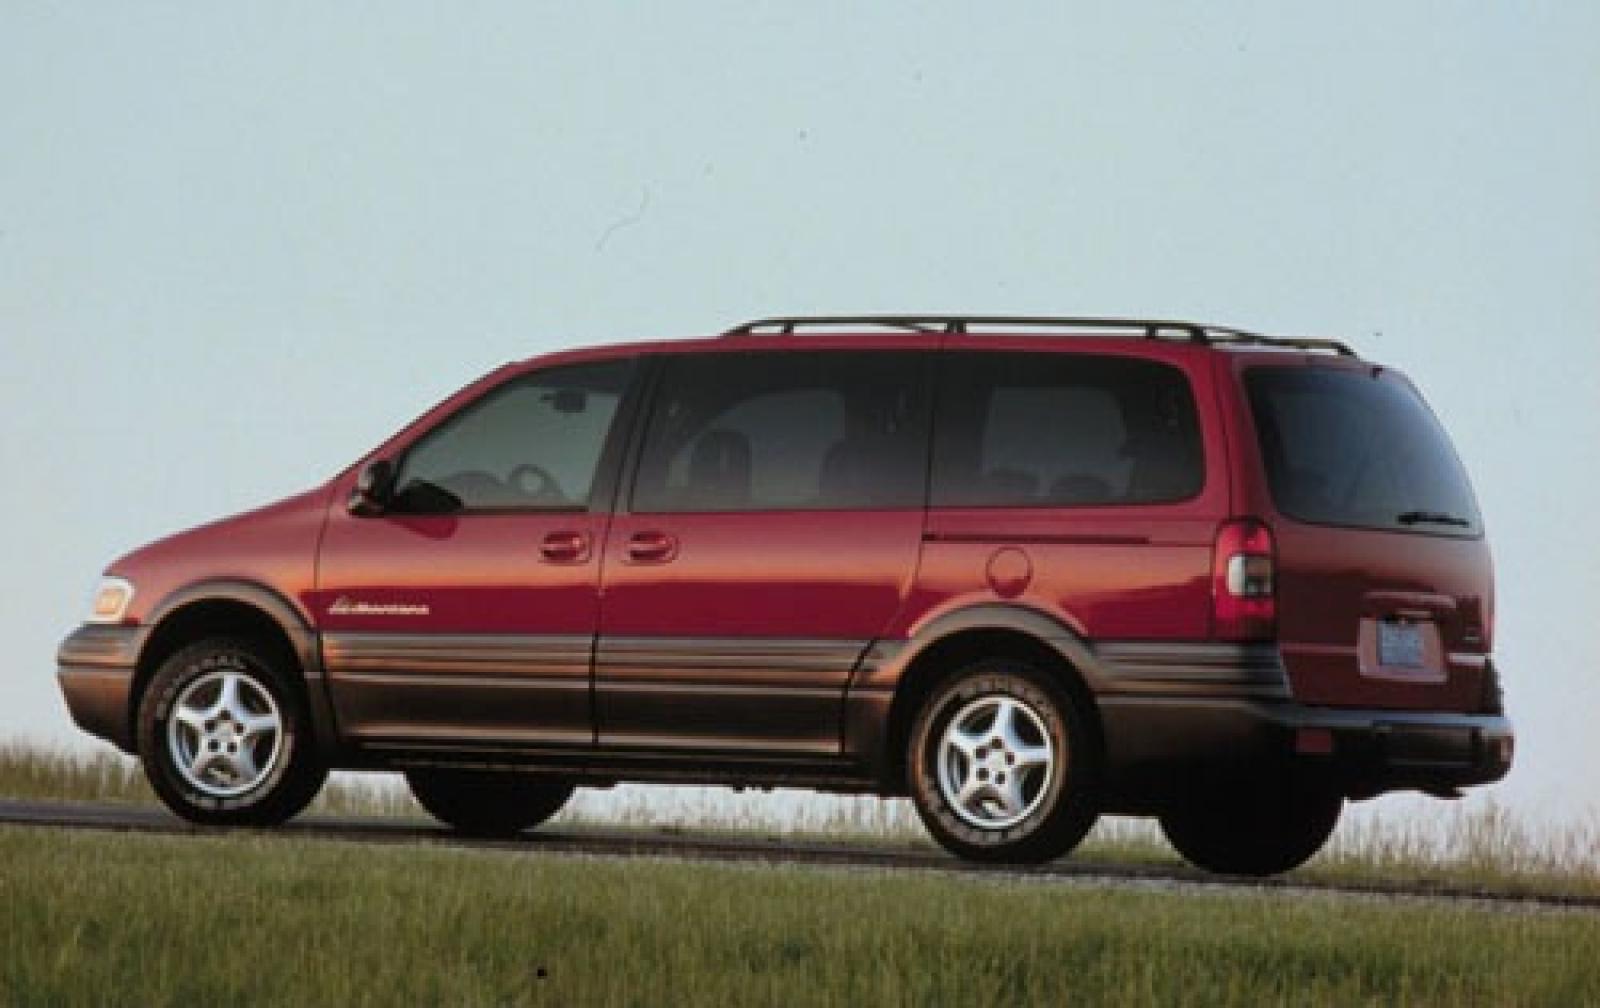 2003 Pontiac Montana Information And Photos Zombiedrive 1996 Transport 3 4 Engine Diagram 800 1024 1280 1600 Origin